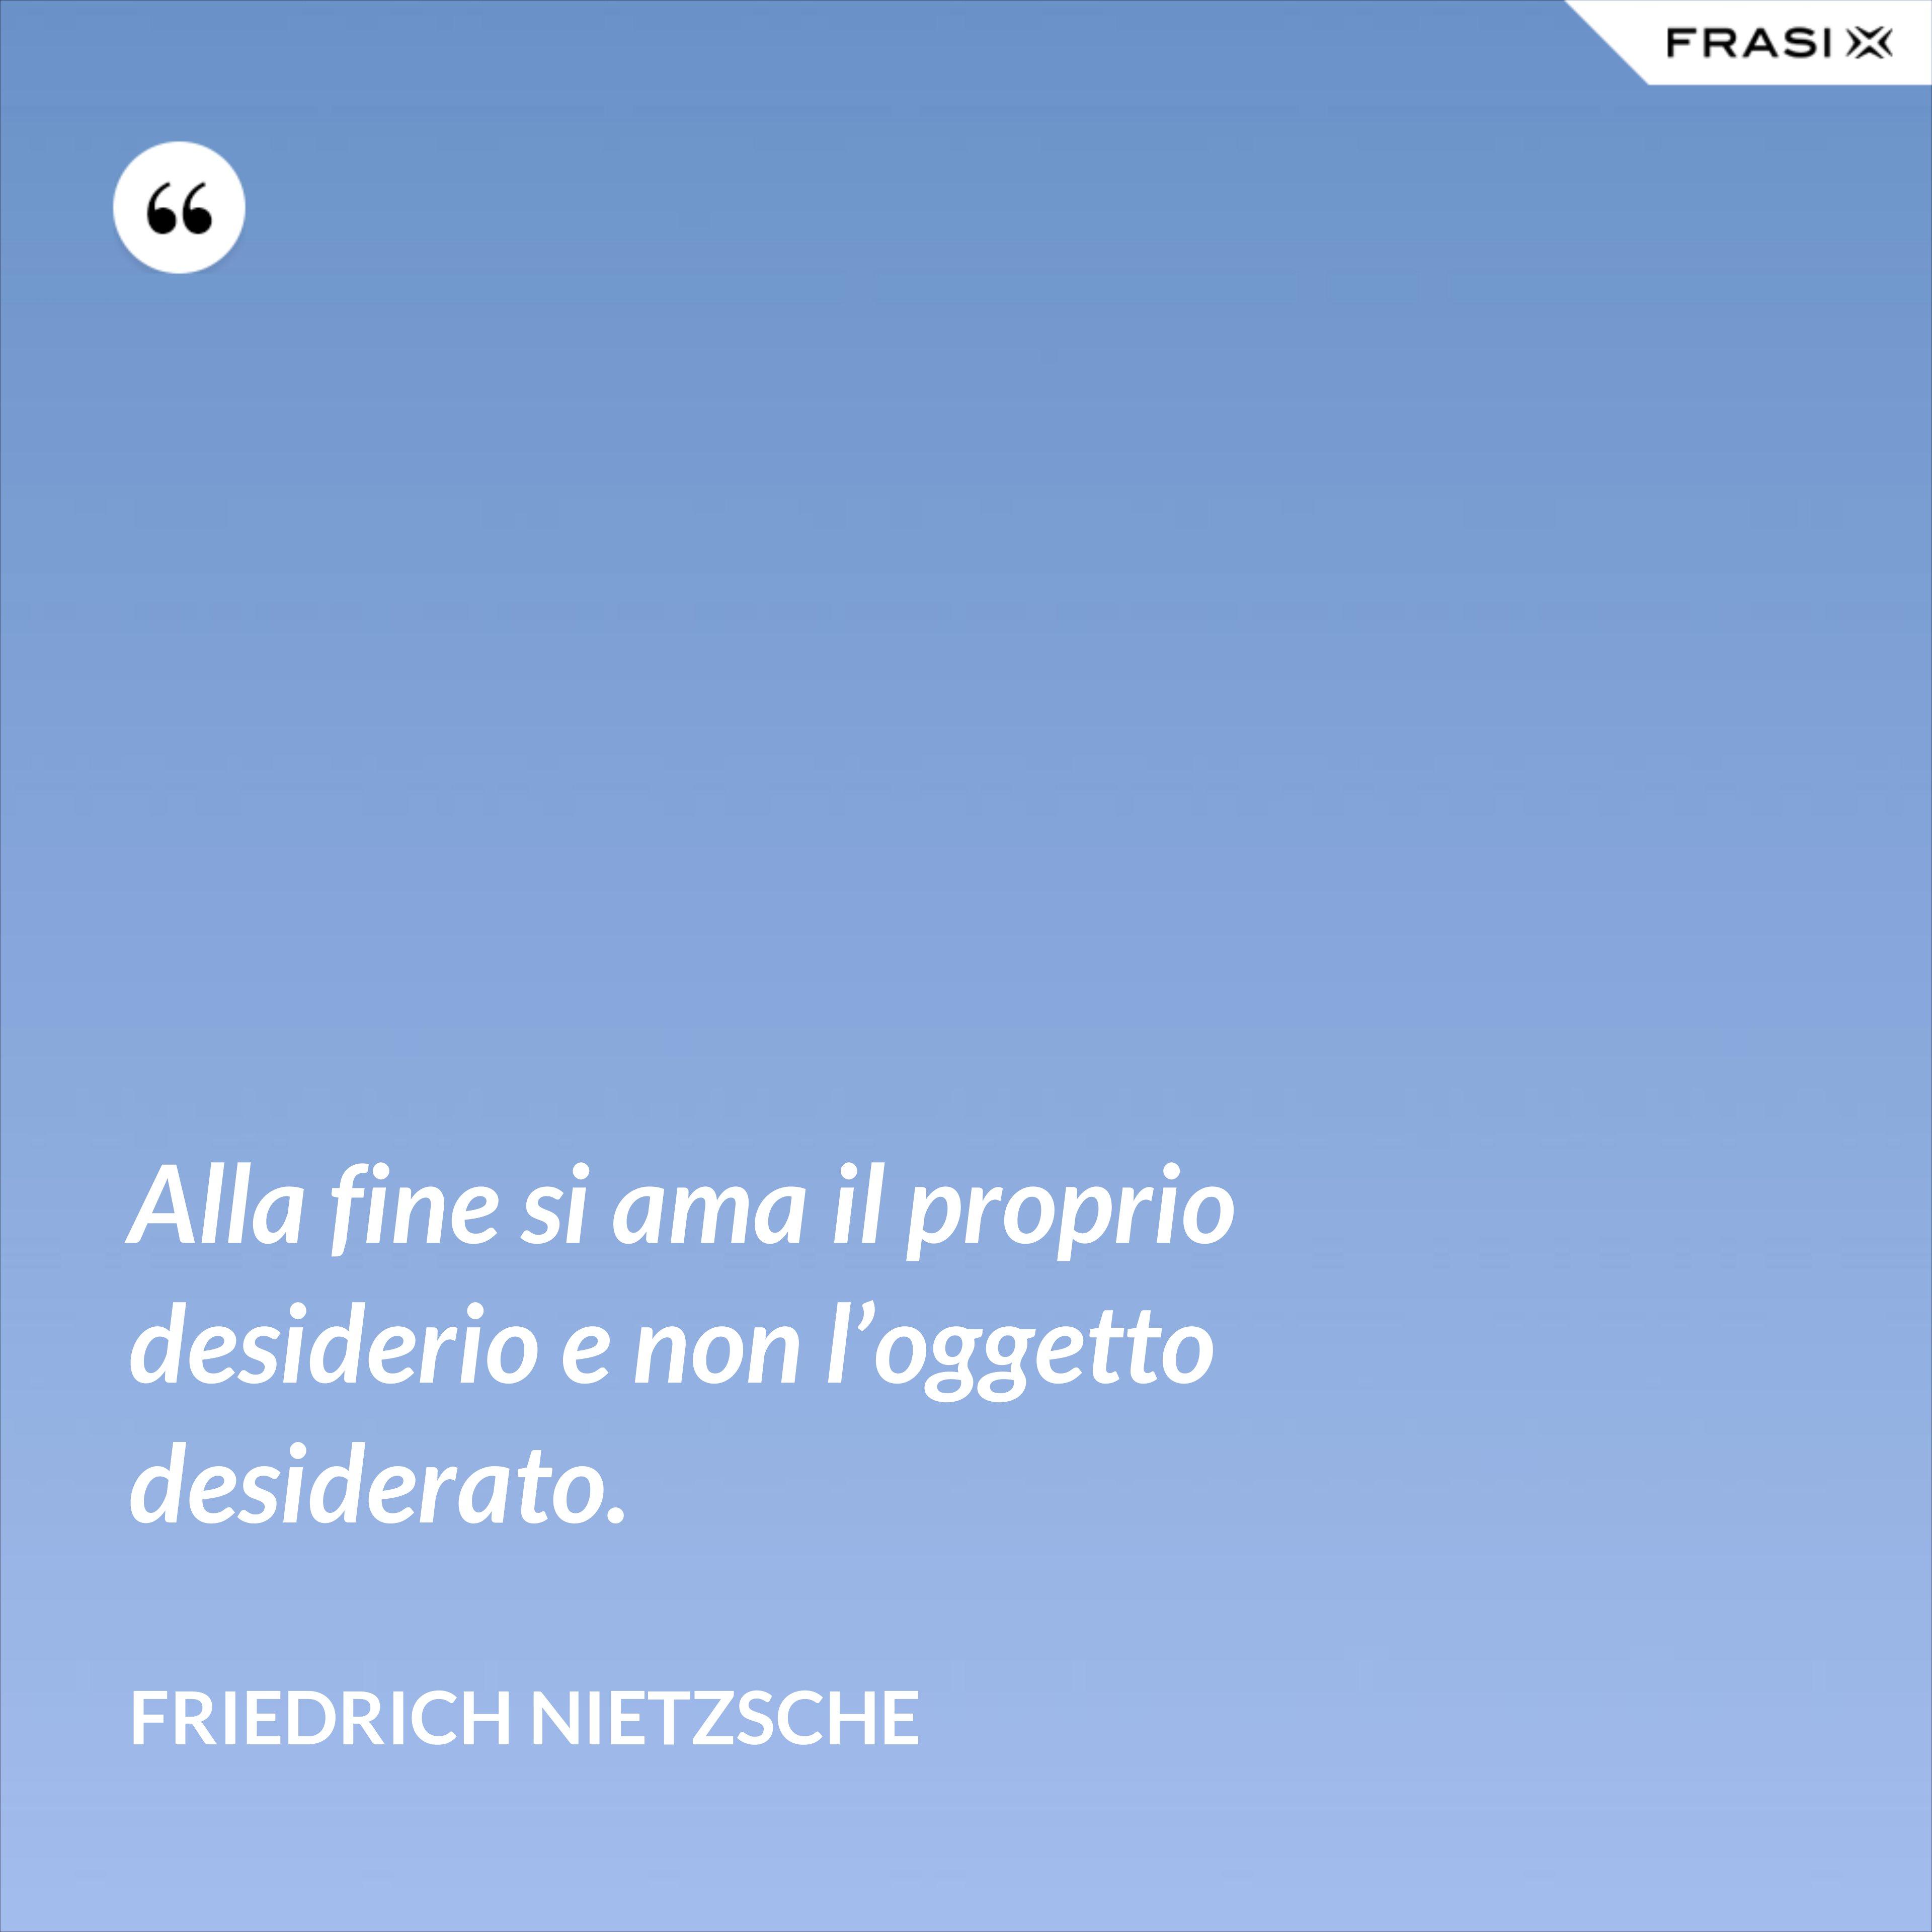 Alla fine si ama il proprio desiderio e non l'oggetto desiderato. - Friedrich Nietzsche